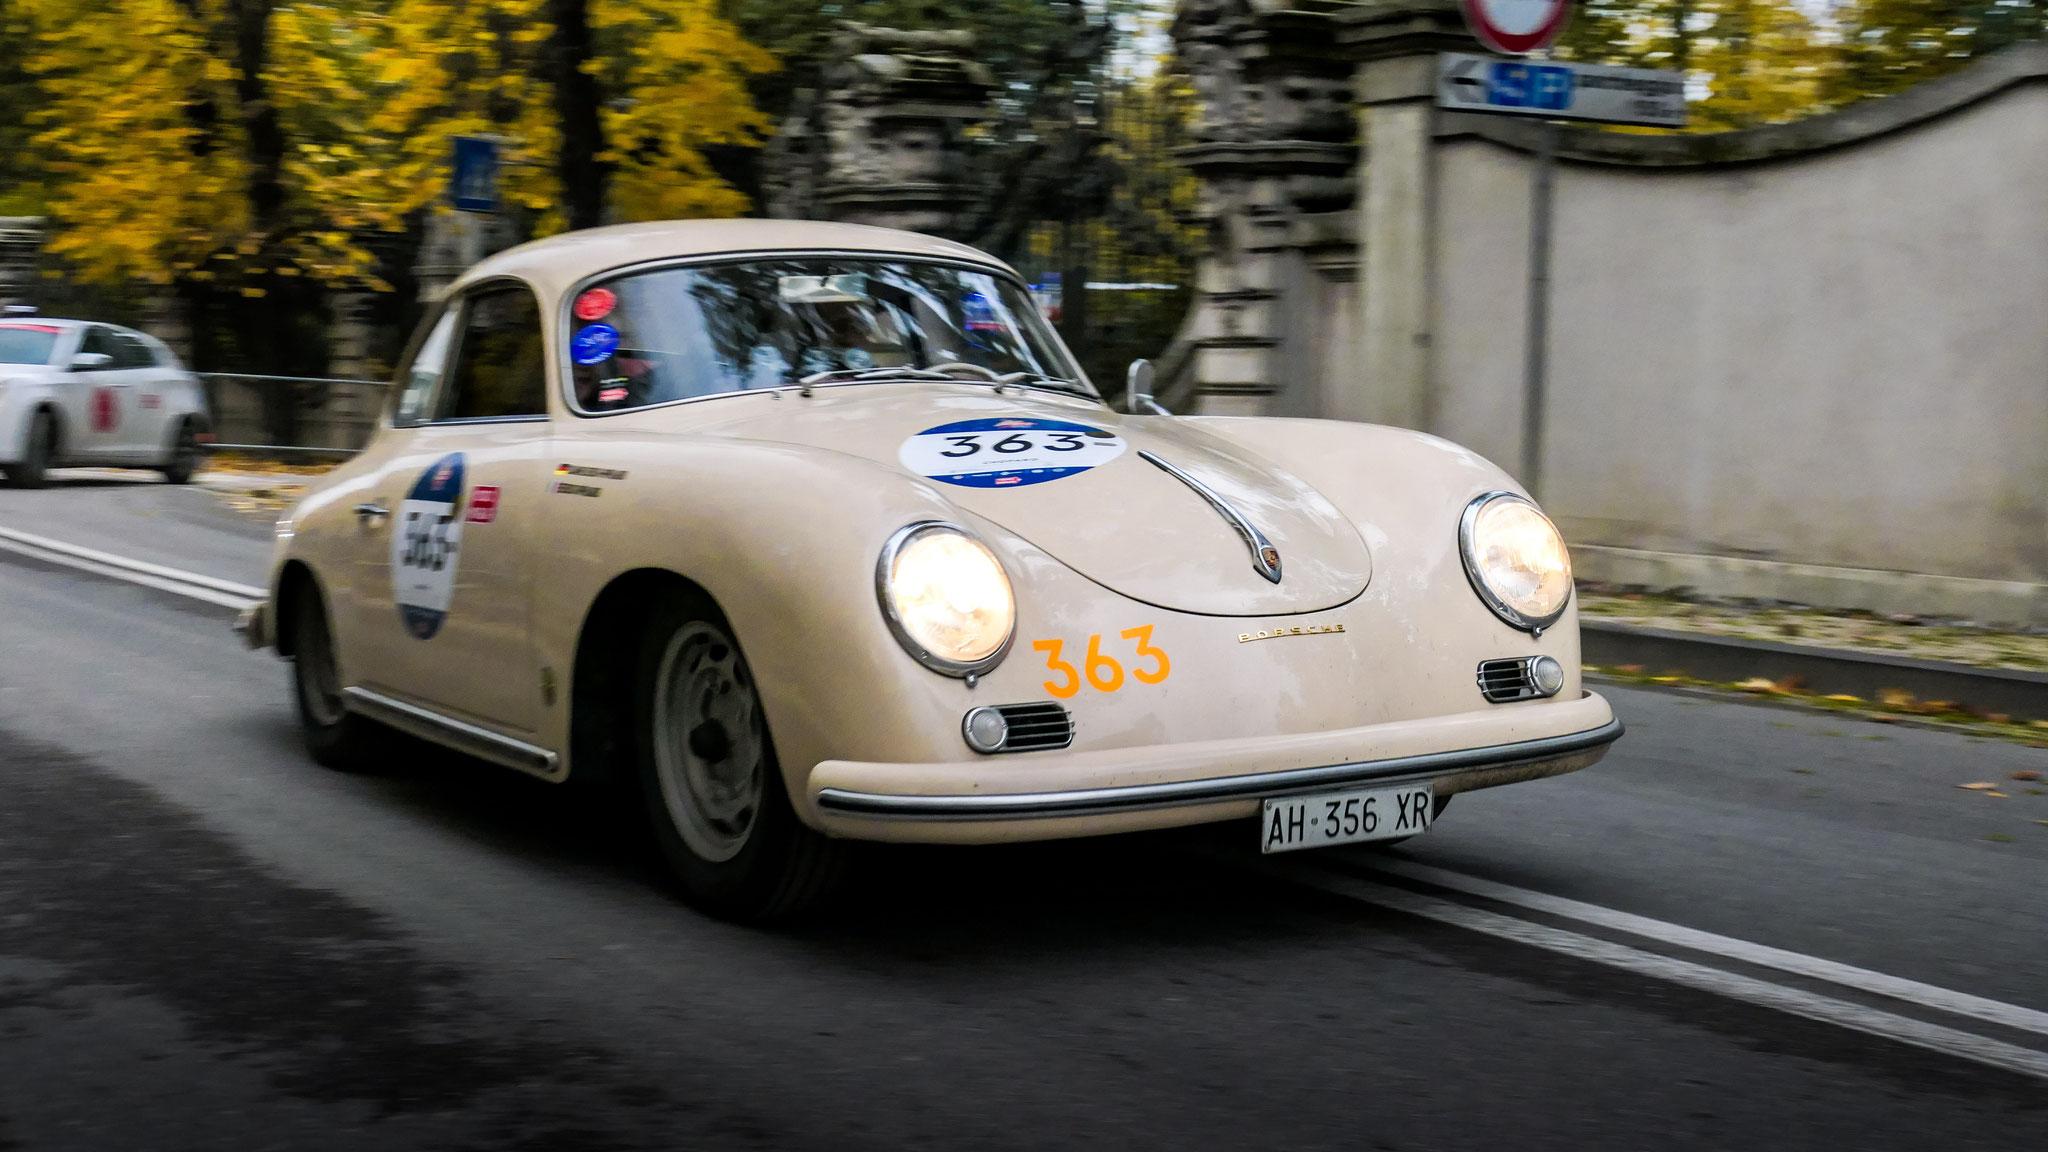 Porsche 356 1600 - AH-356-XR (ITA)